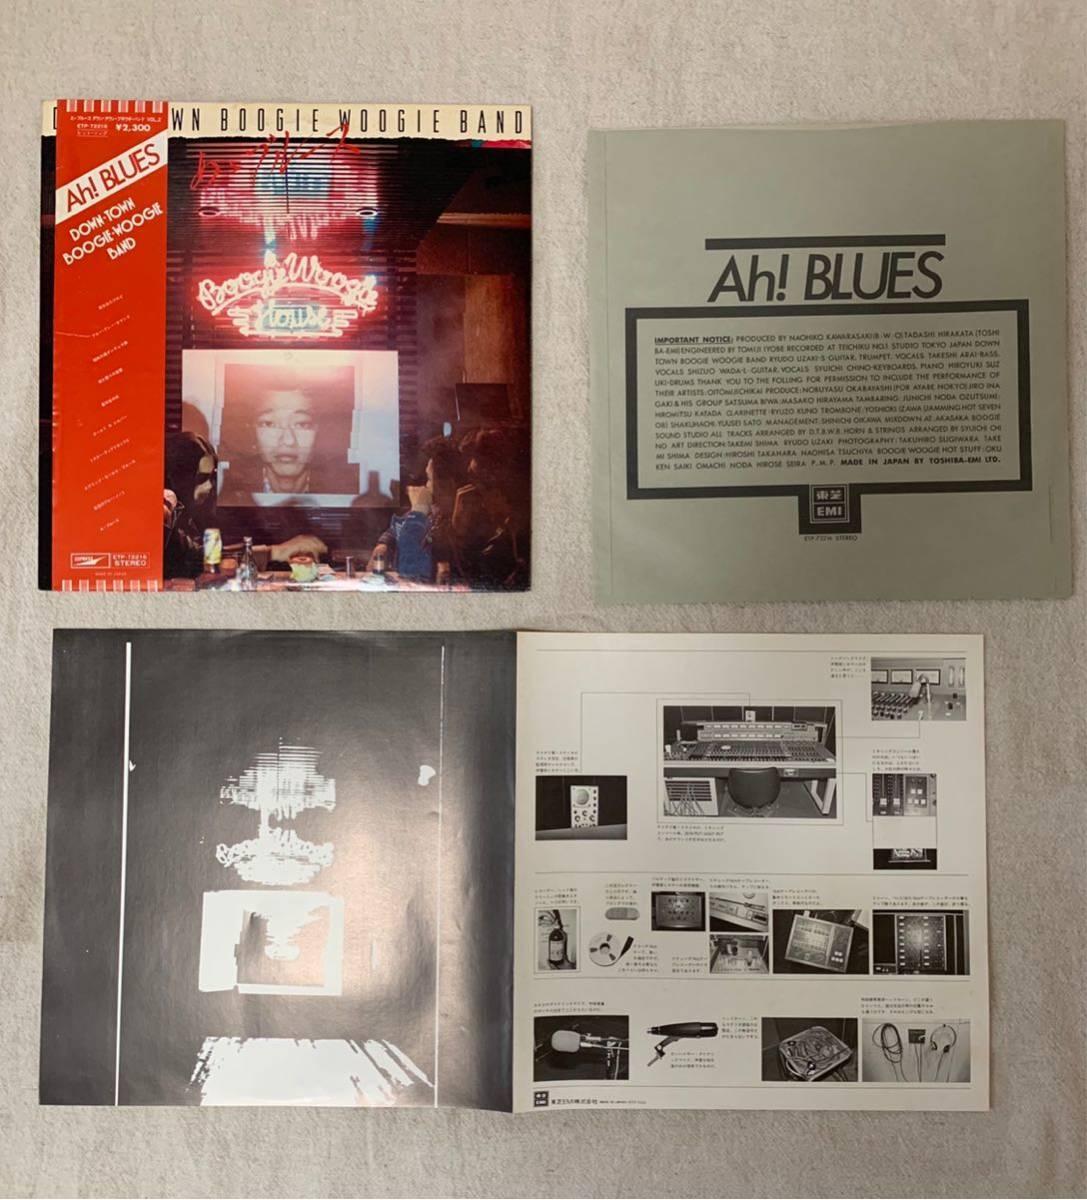 【LP レコード 見本盤 非売品】ETR-72216 ダウン・タウン・ブギウギ・バンド あゝブルース 音楽 日本 ロック ポップス コレクション_画像7